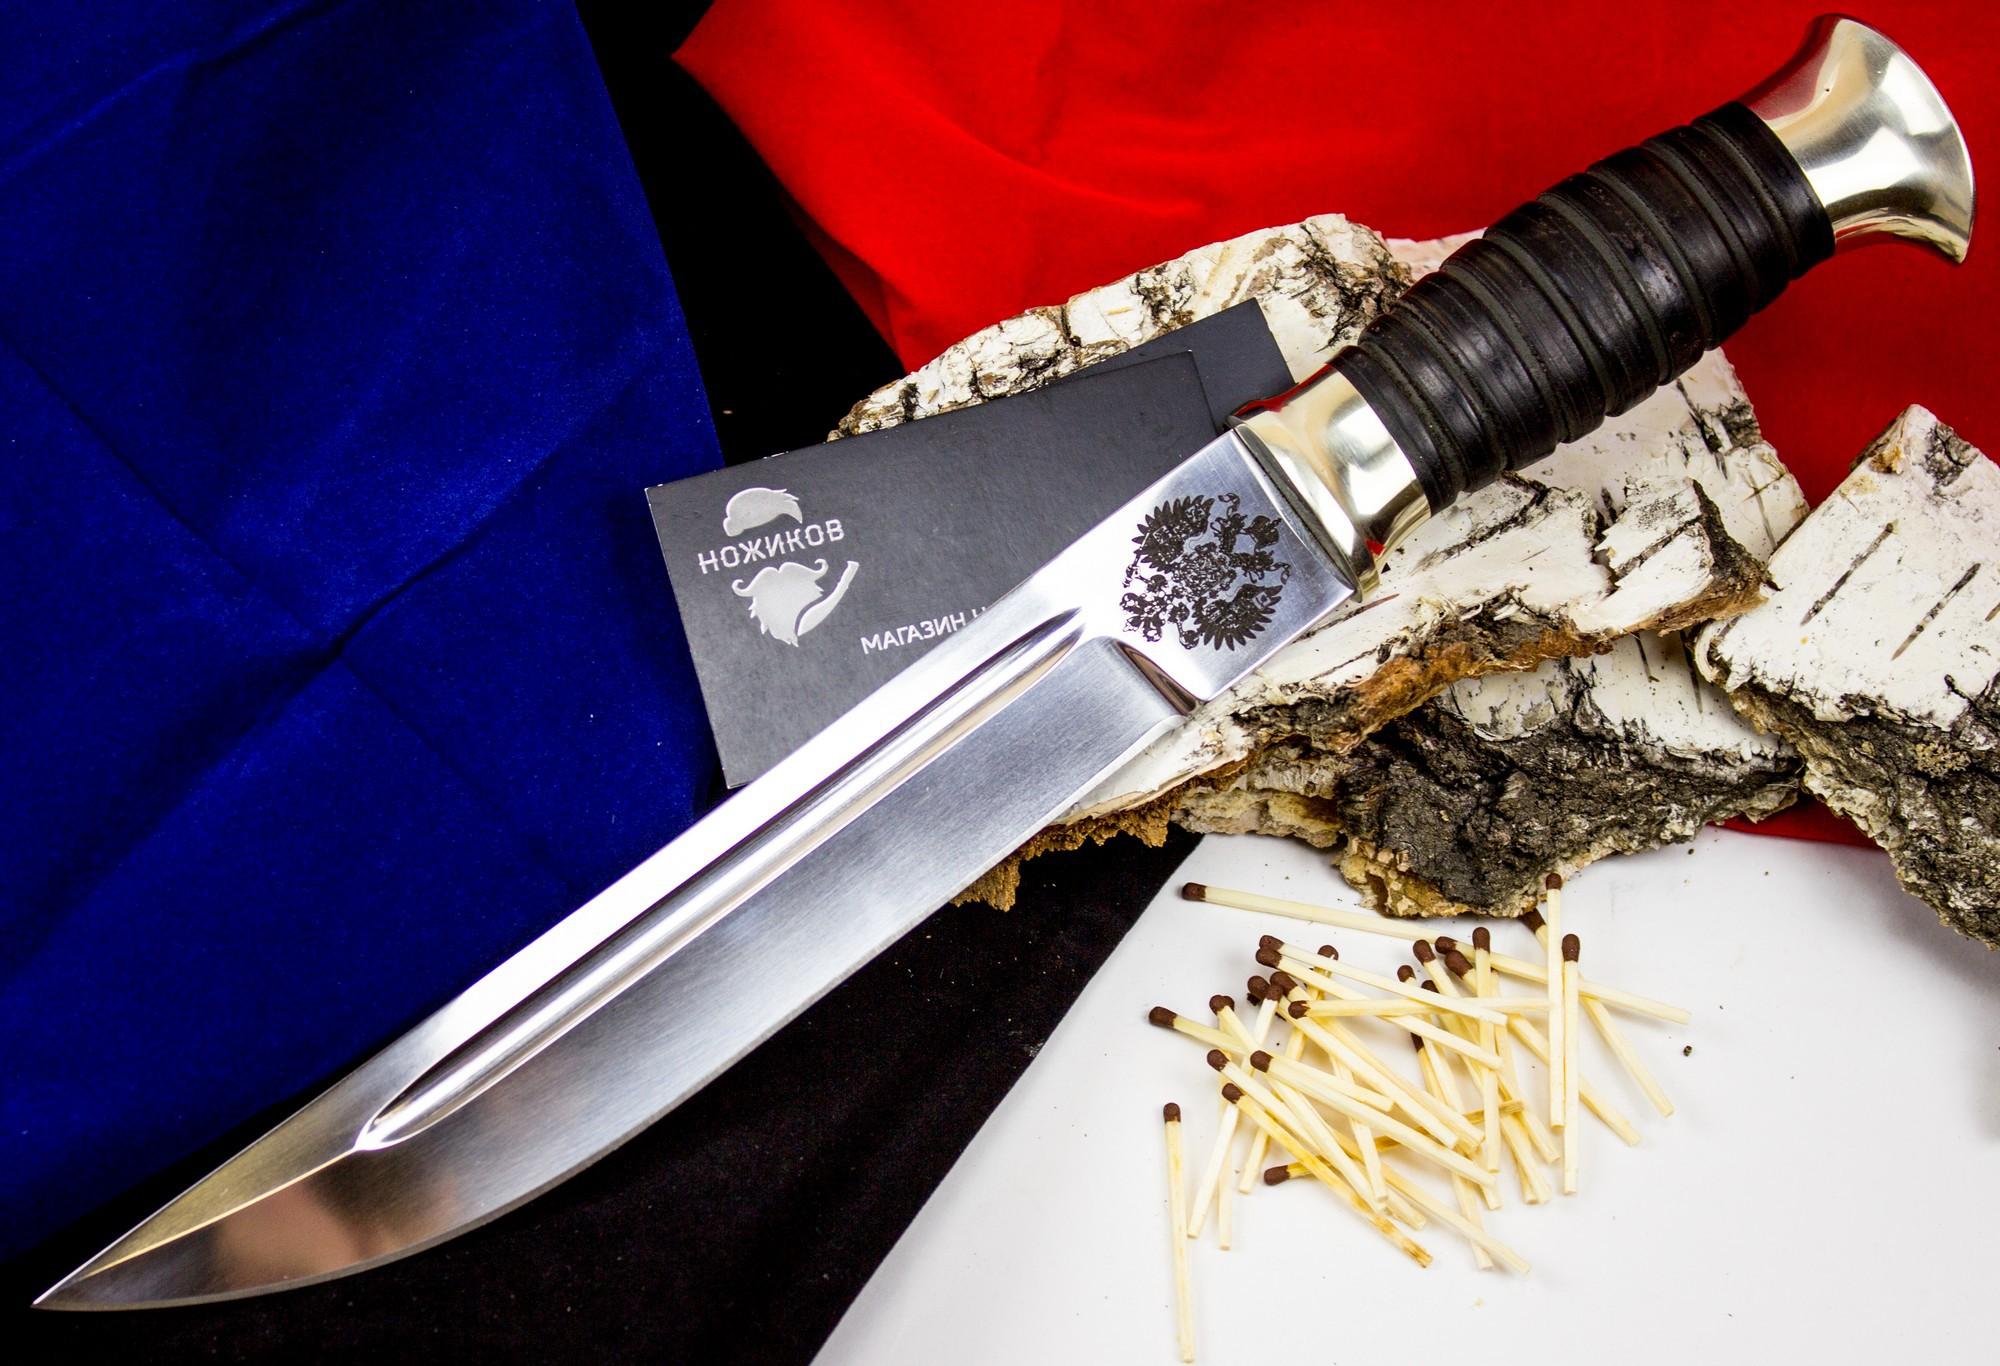 Пластунский кованый нож Казак, Х12МФ, мельхиорНожи Ворсма<br>Пластунский кованый нож Казак Х12МФ, мельхиор выполнен в лучших традициях ножевого ремесла. Прообразам модели является пластунский нож начала прошлого века, который, в свою очередь, был скопирован с ножей кавказских горцев. Пластунский нож Казак изготовлен из кованой прочной стали Х12МФ. Этот легированный материал прекрасно сбалансирован по твердости-вязкости, что практически исключает появление сколов. Клинок отлично держит заточку, хорошо шлифуется. Рукоять ножа из кожи, выполнена наборным способом. Это отличный вариант для походов и охоты. Купить нож-пластун Казак можно в качестве подарка. Благодаря презентабельному виду он станет достойным украшением любой коллекции.<br>